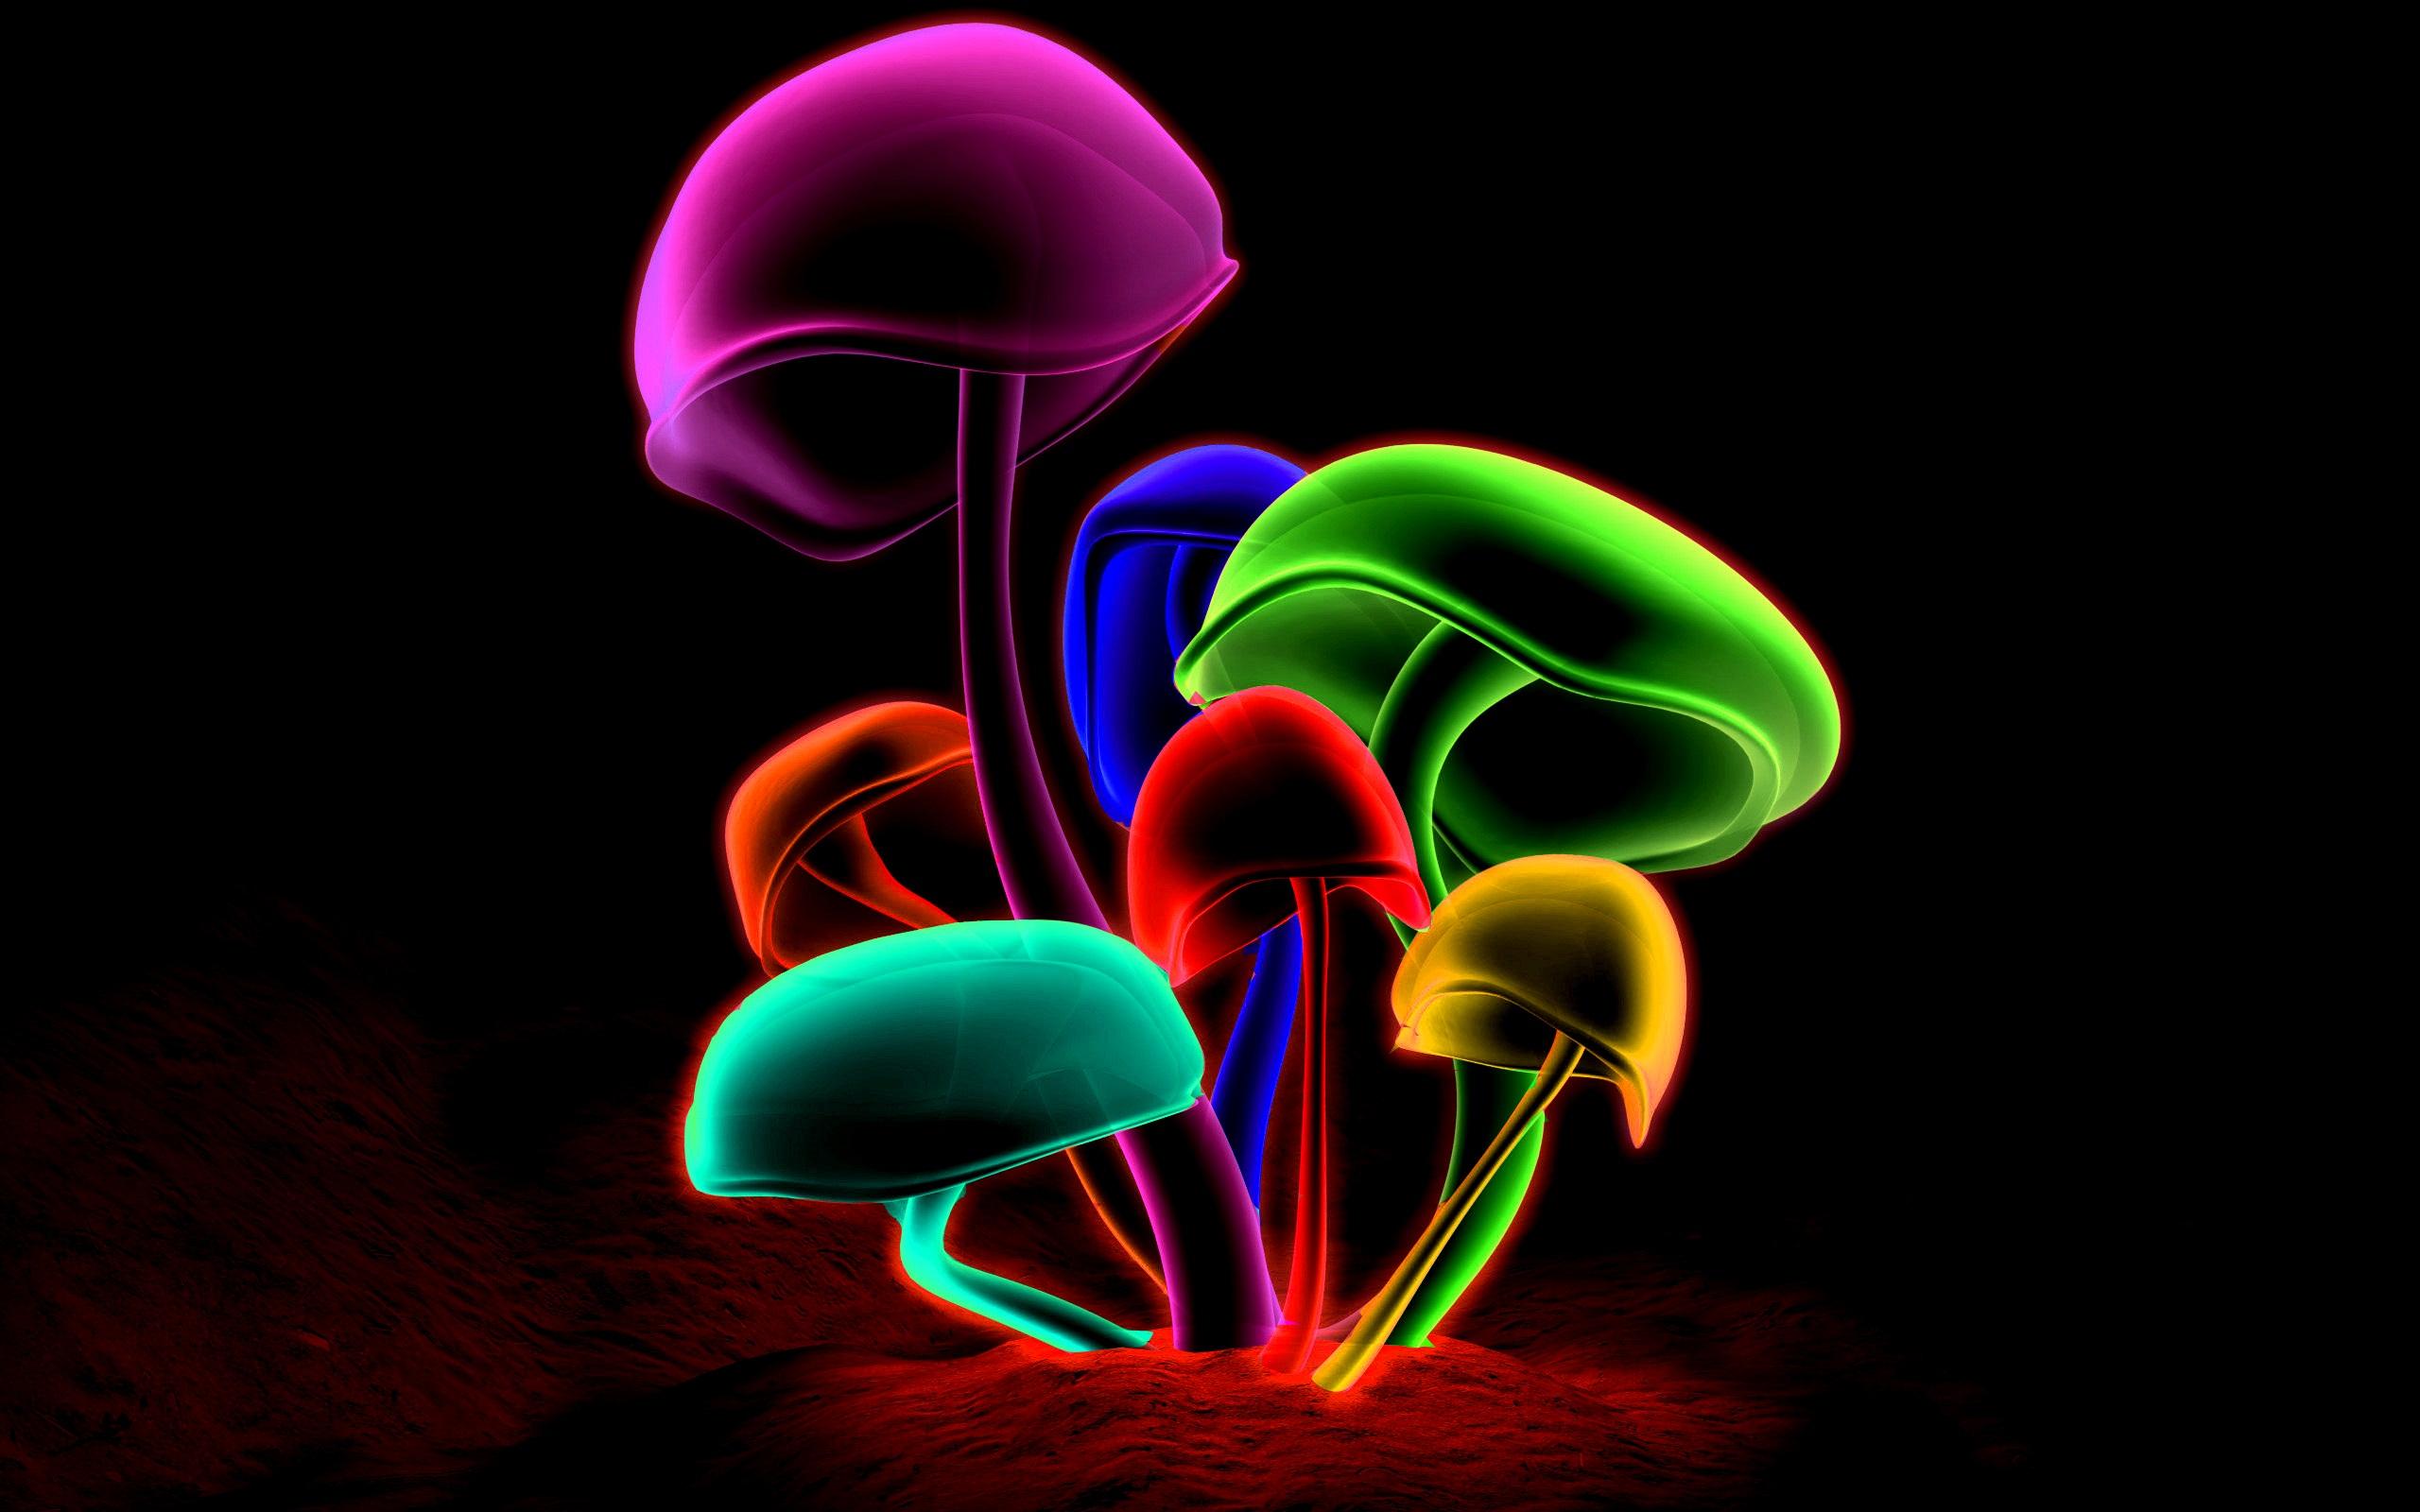 43 Colorful Desktop Backgrounds   Technosamrat 2560x1600